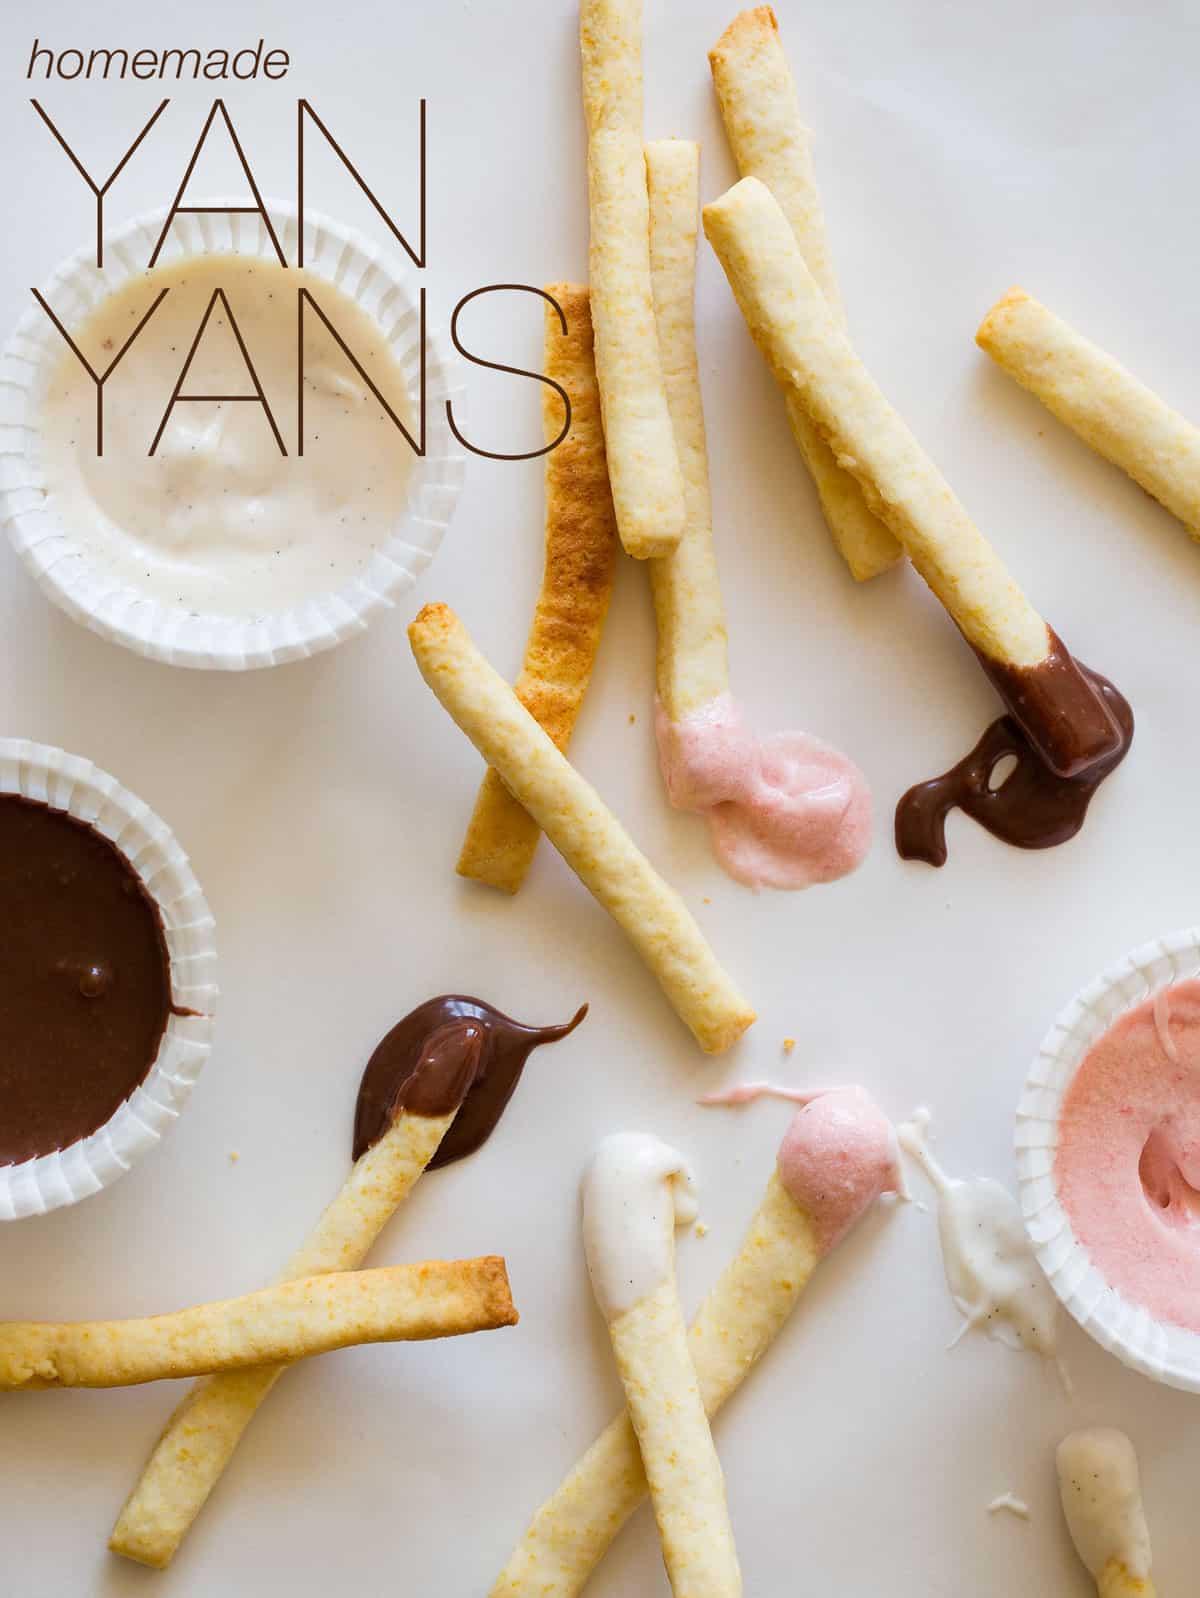 Homemade Yan Yans